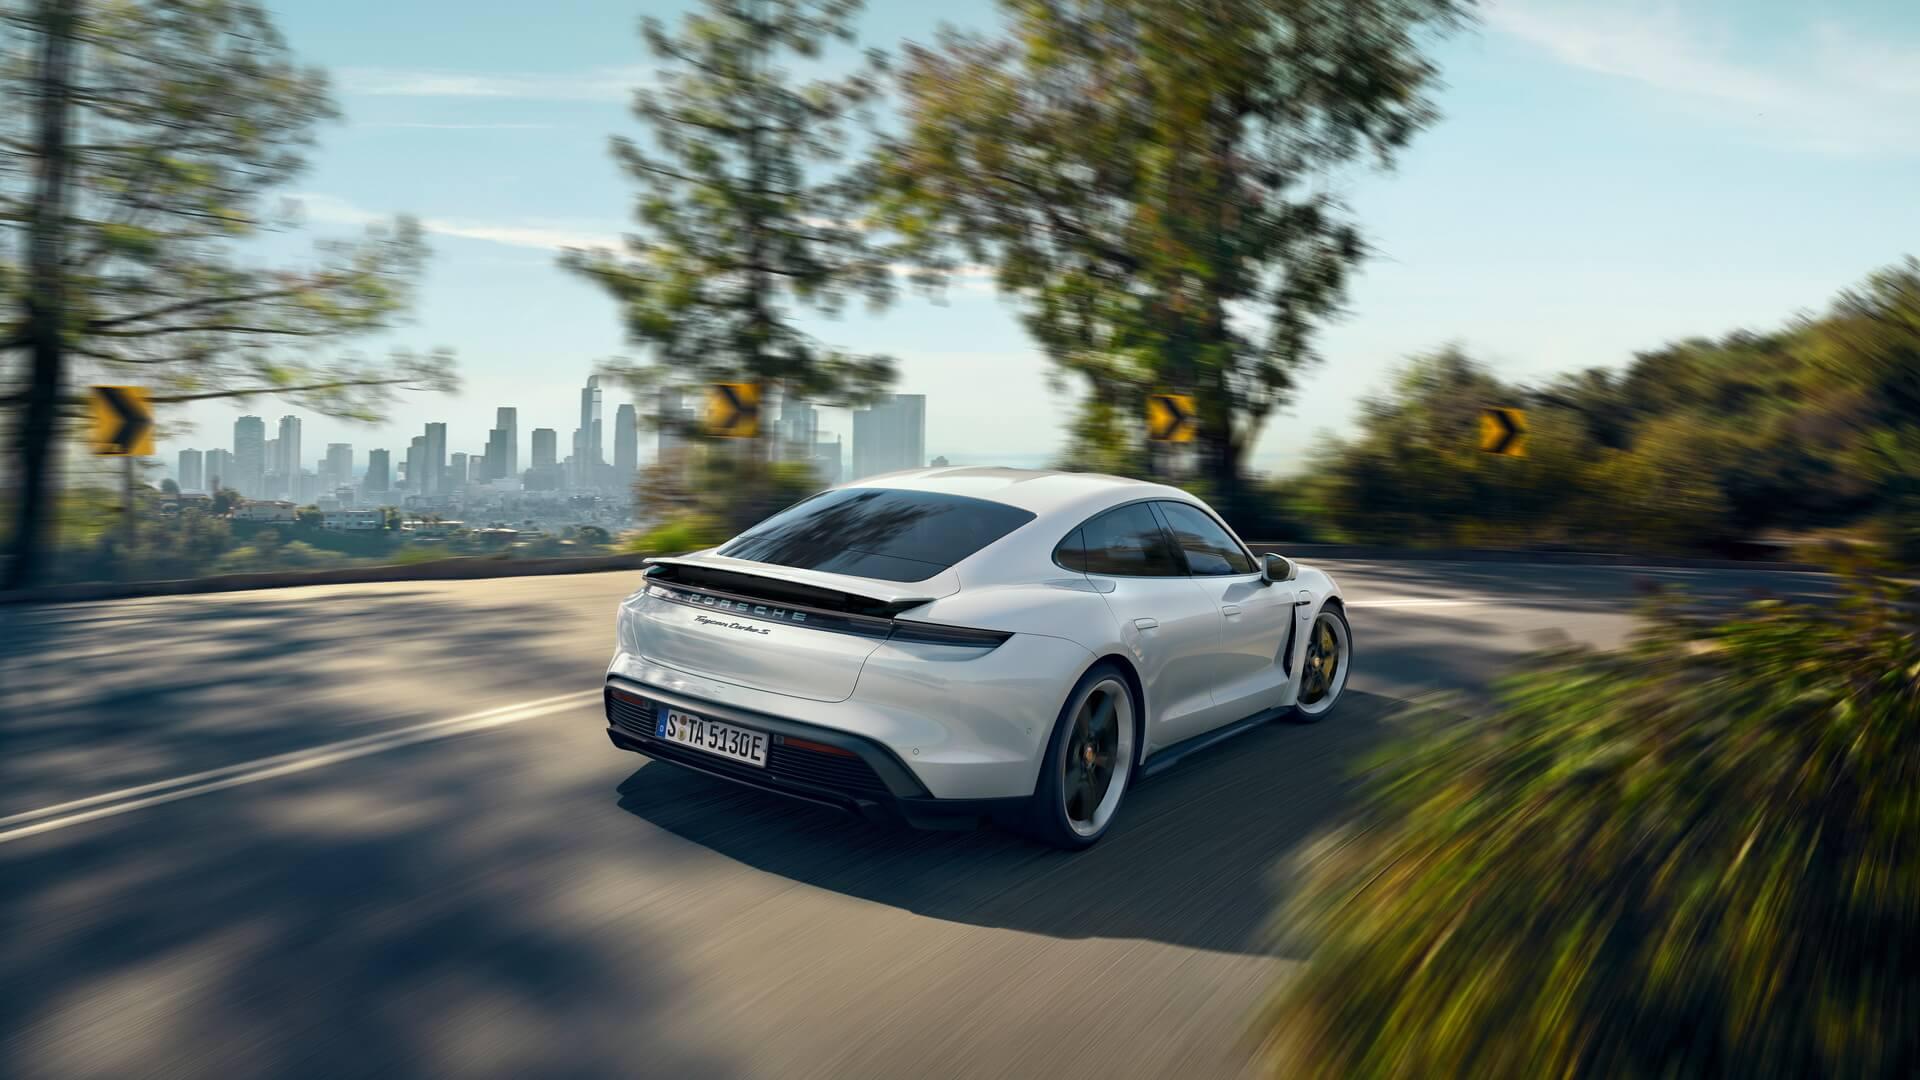 Спортивный электромобиль Porsche Taycan